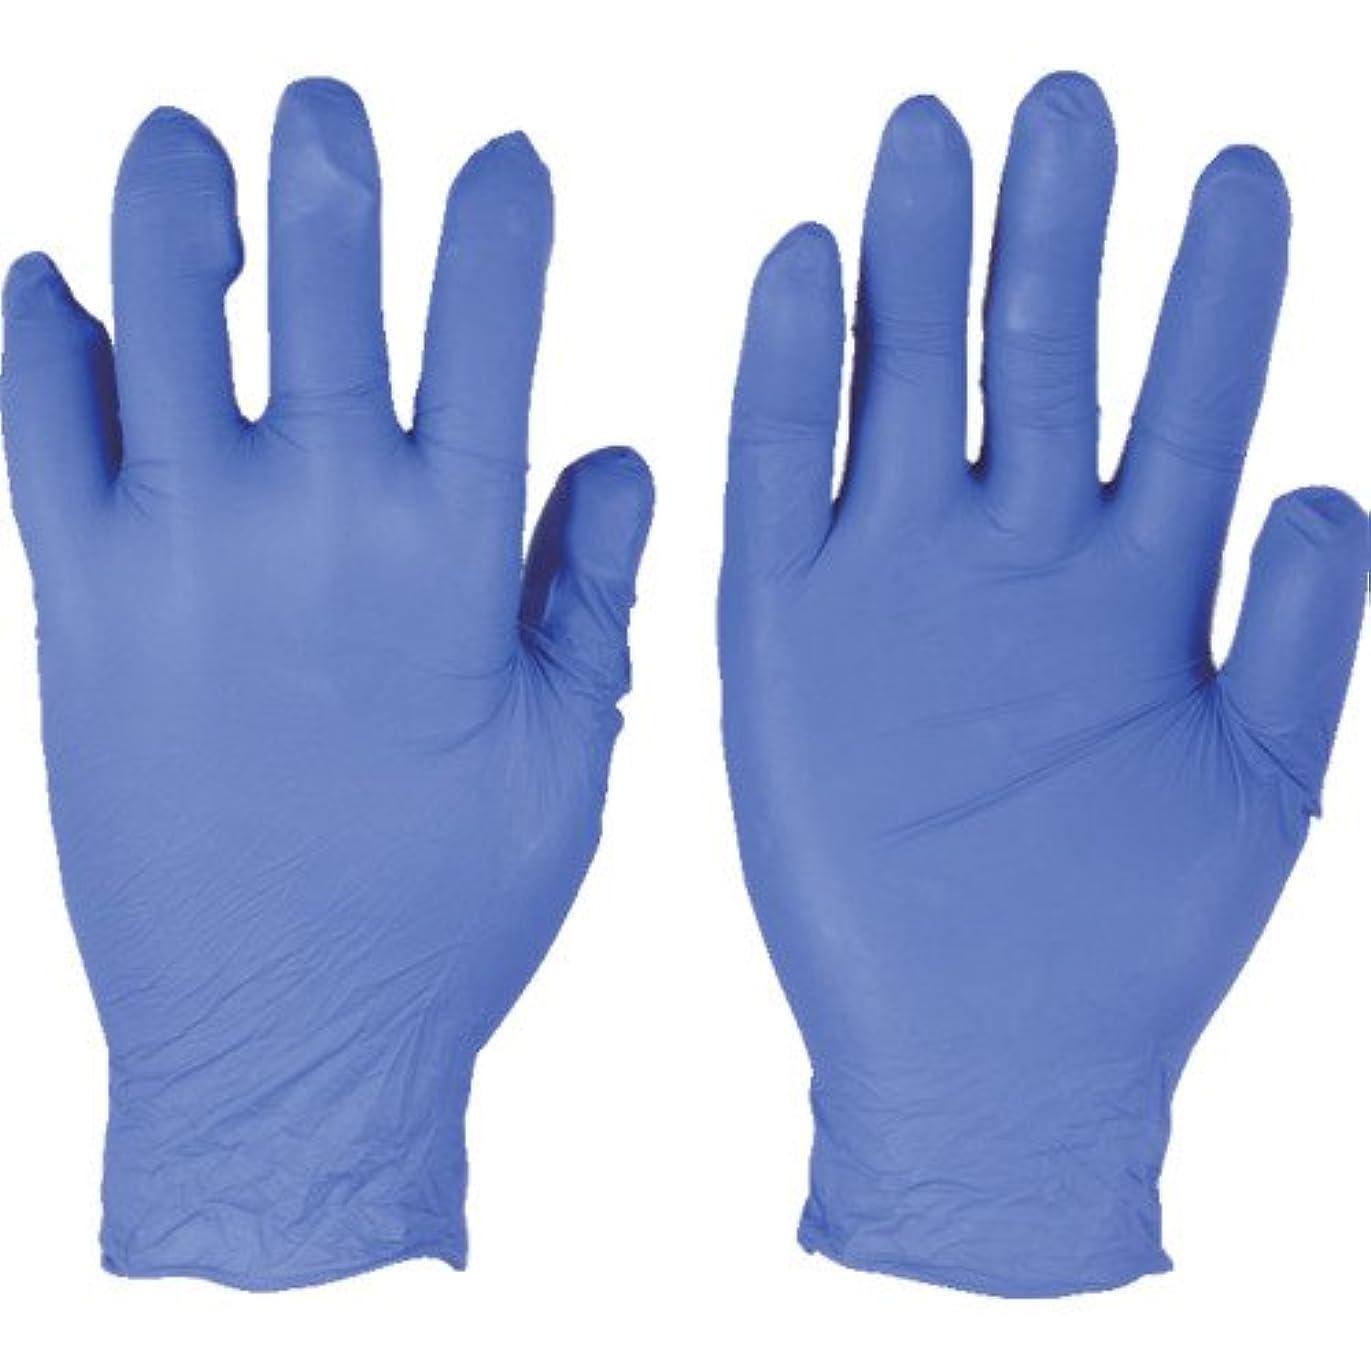 美徳ストライク保険トラスコ中山 アンセル ニトリルゴム使い捨て手袋 エッジ 82-133 Sサイズ(300枚入り)  (300枚入) 821337